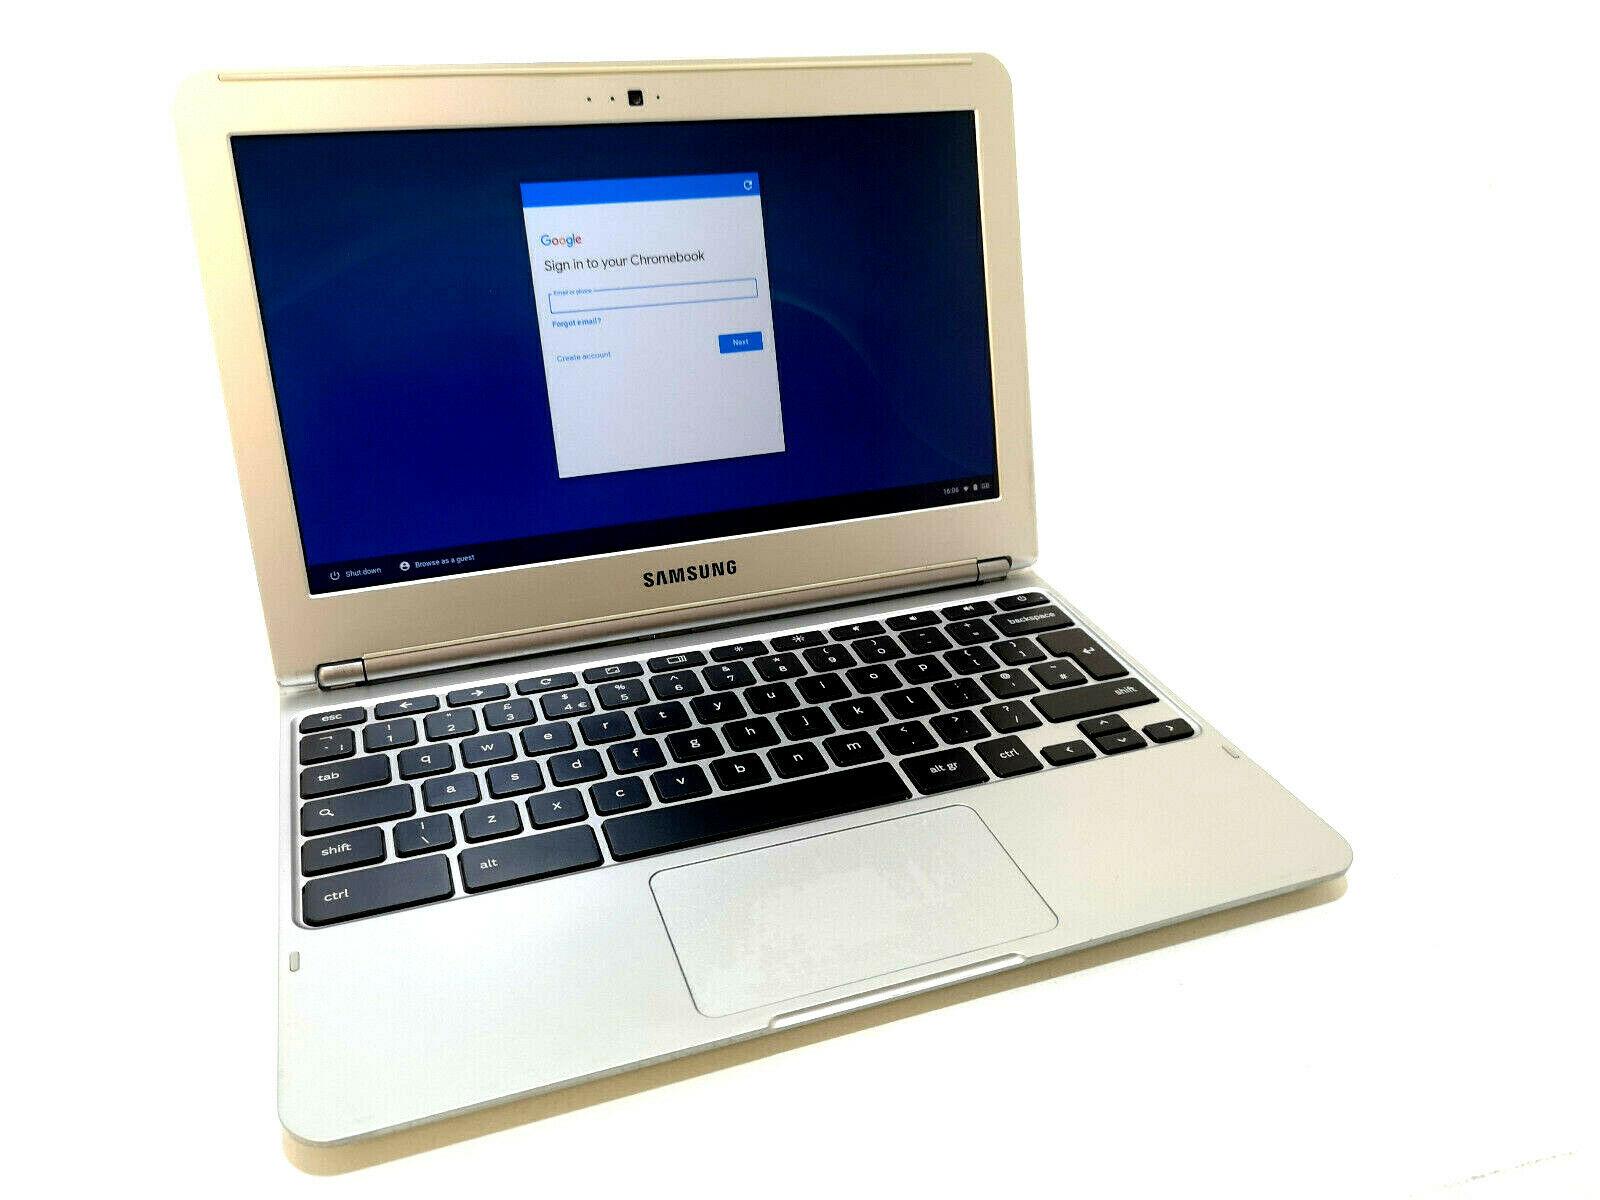 Samsung ChromeBook XE303C12 No 4